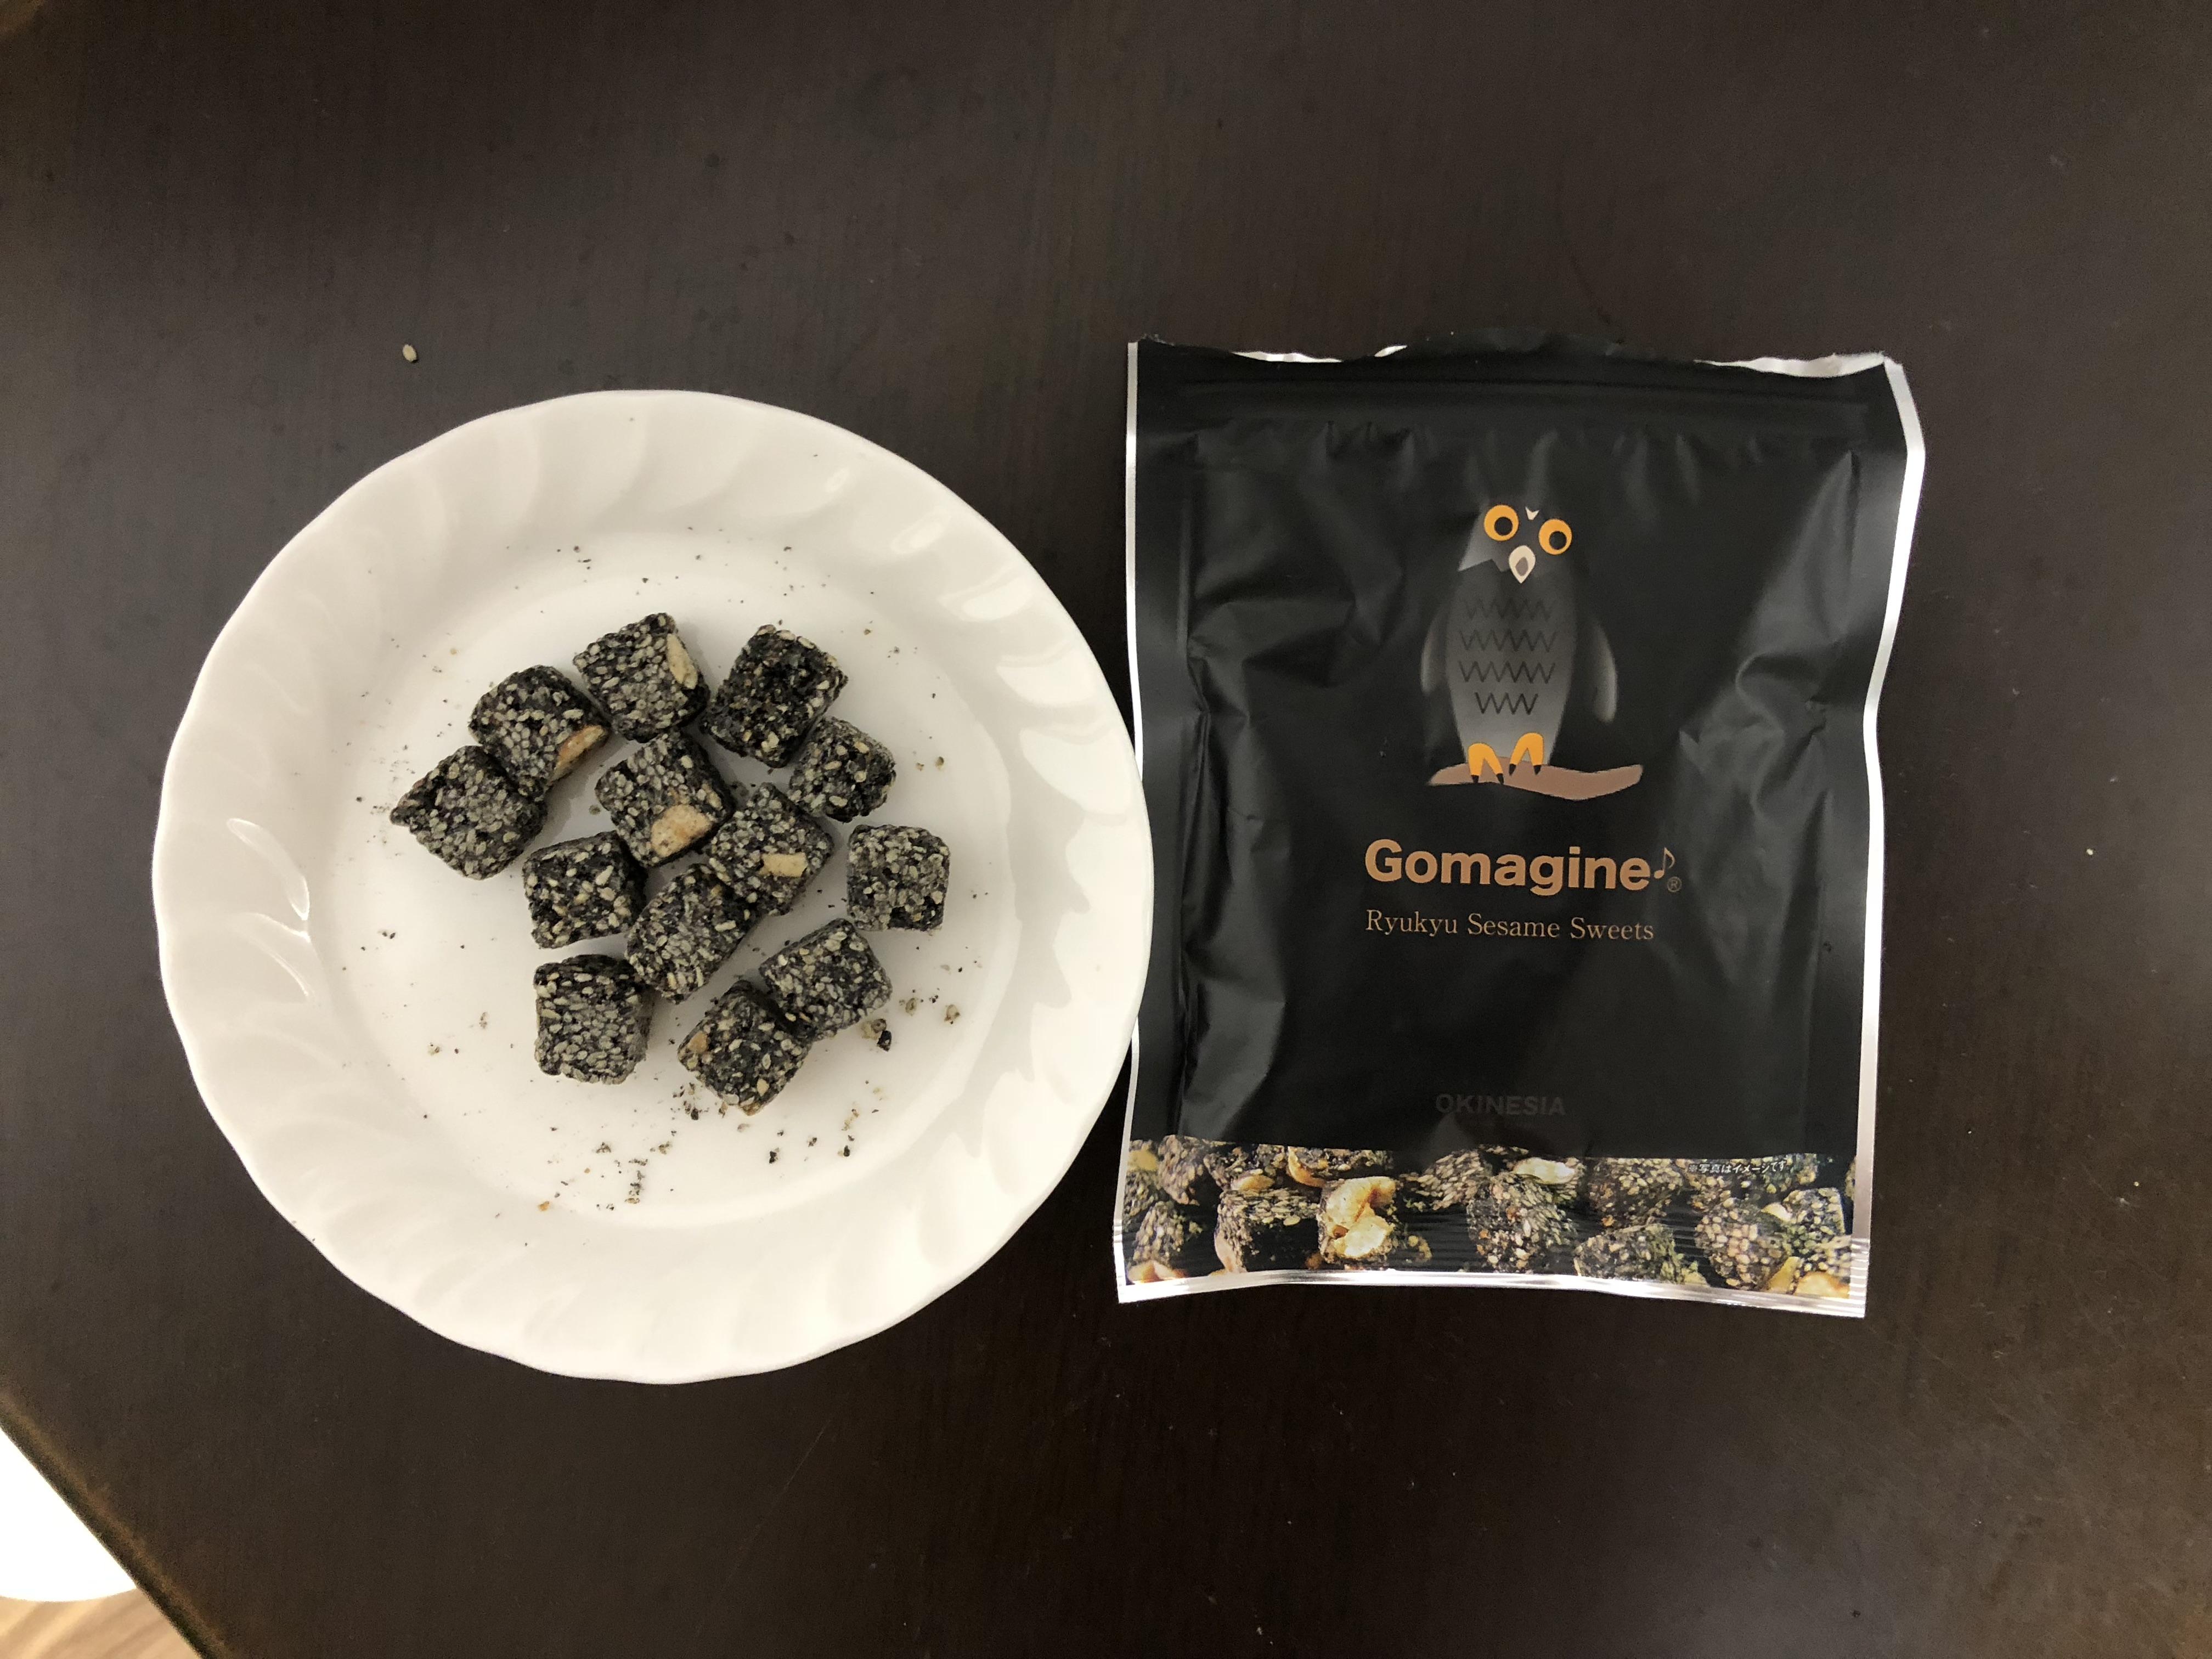 【ヘルシーなお菓子】Gomagine/ごまじん(オキネシア)